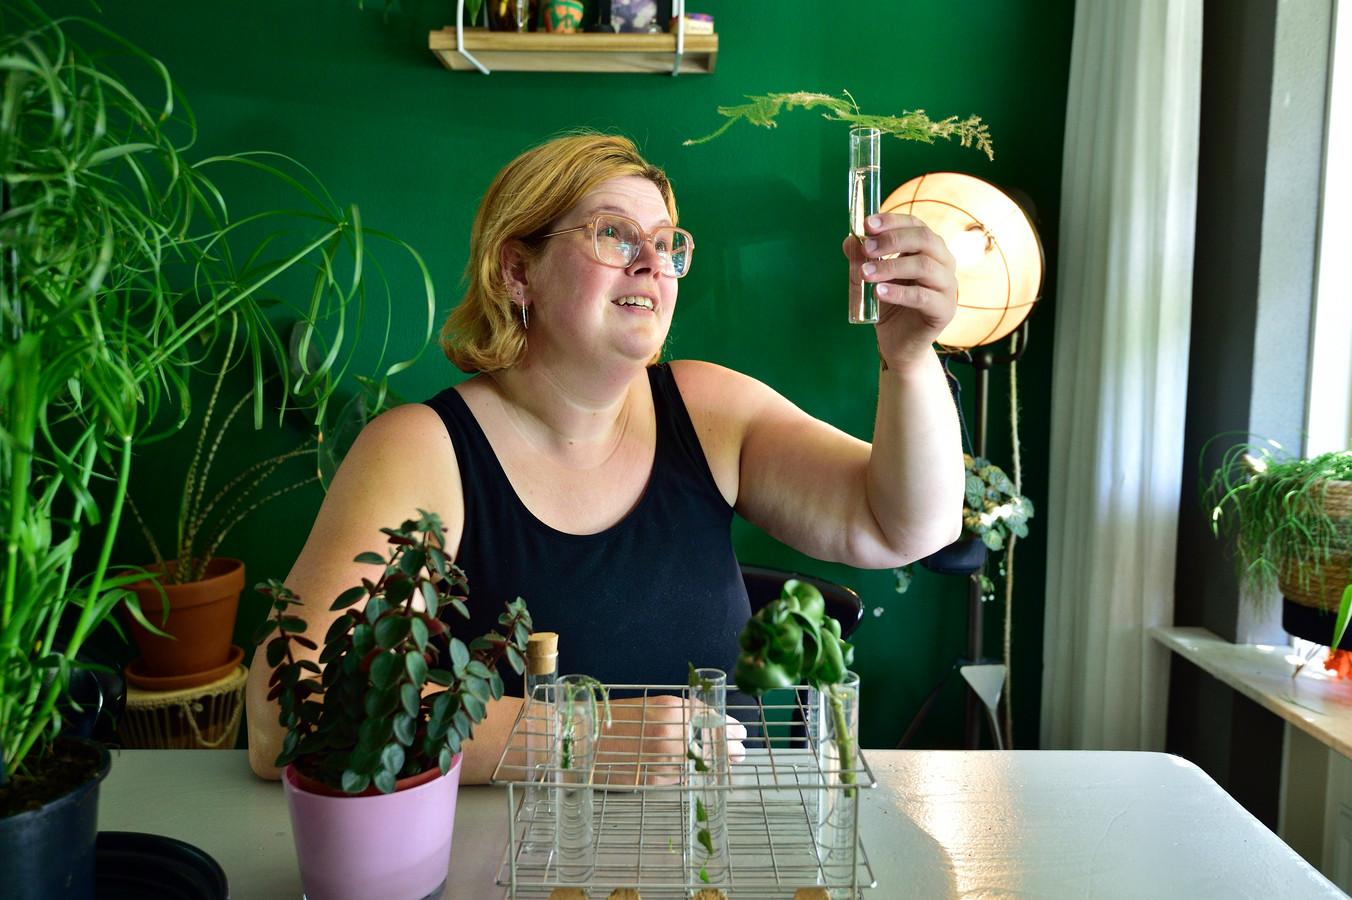 Foto Pim Mul 16062021 Moordrecht. Joyce Van der Weijde verzamelt kamerplanten en stekjes.